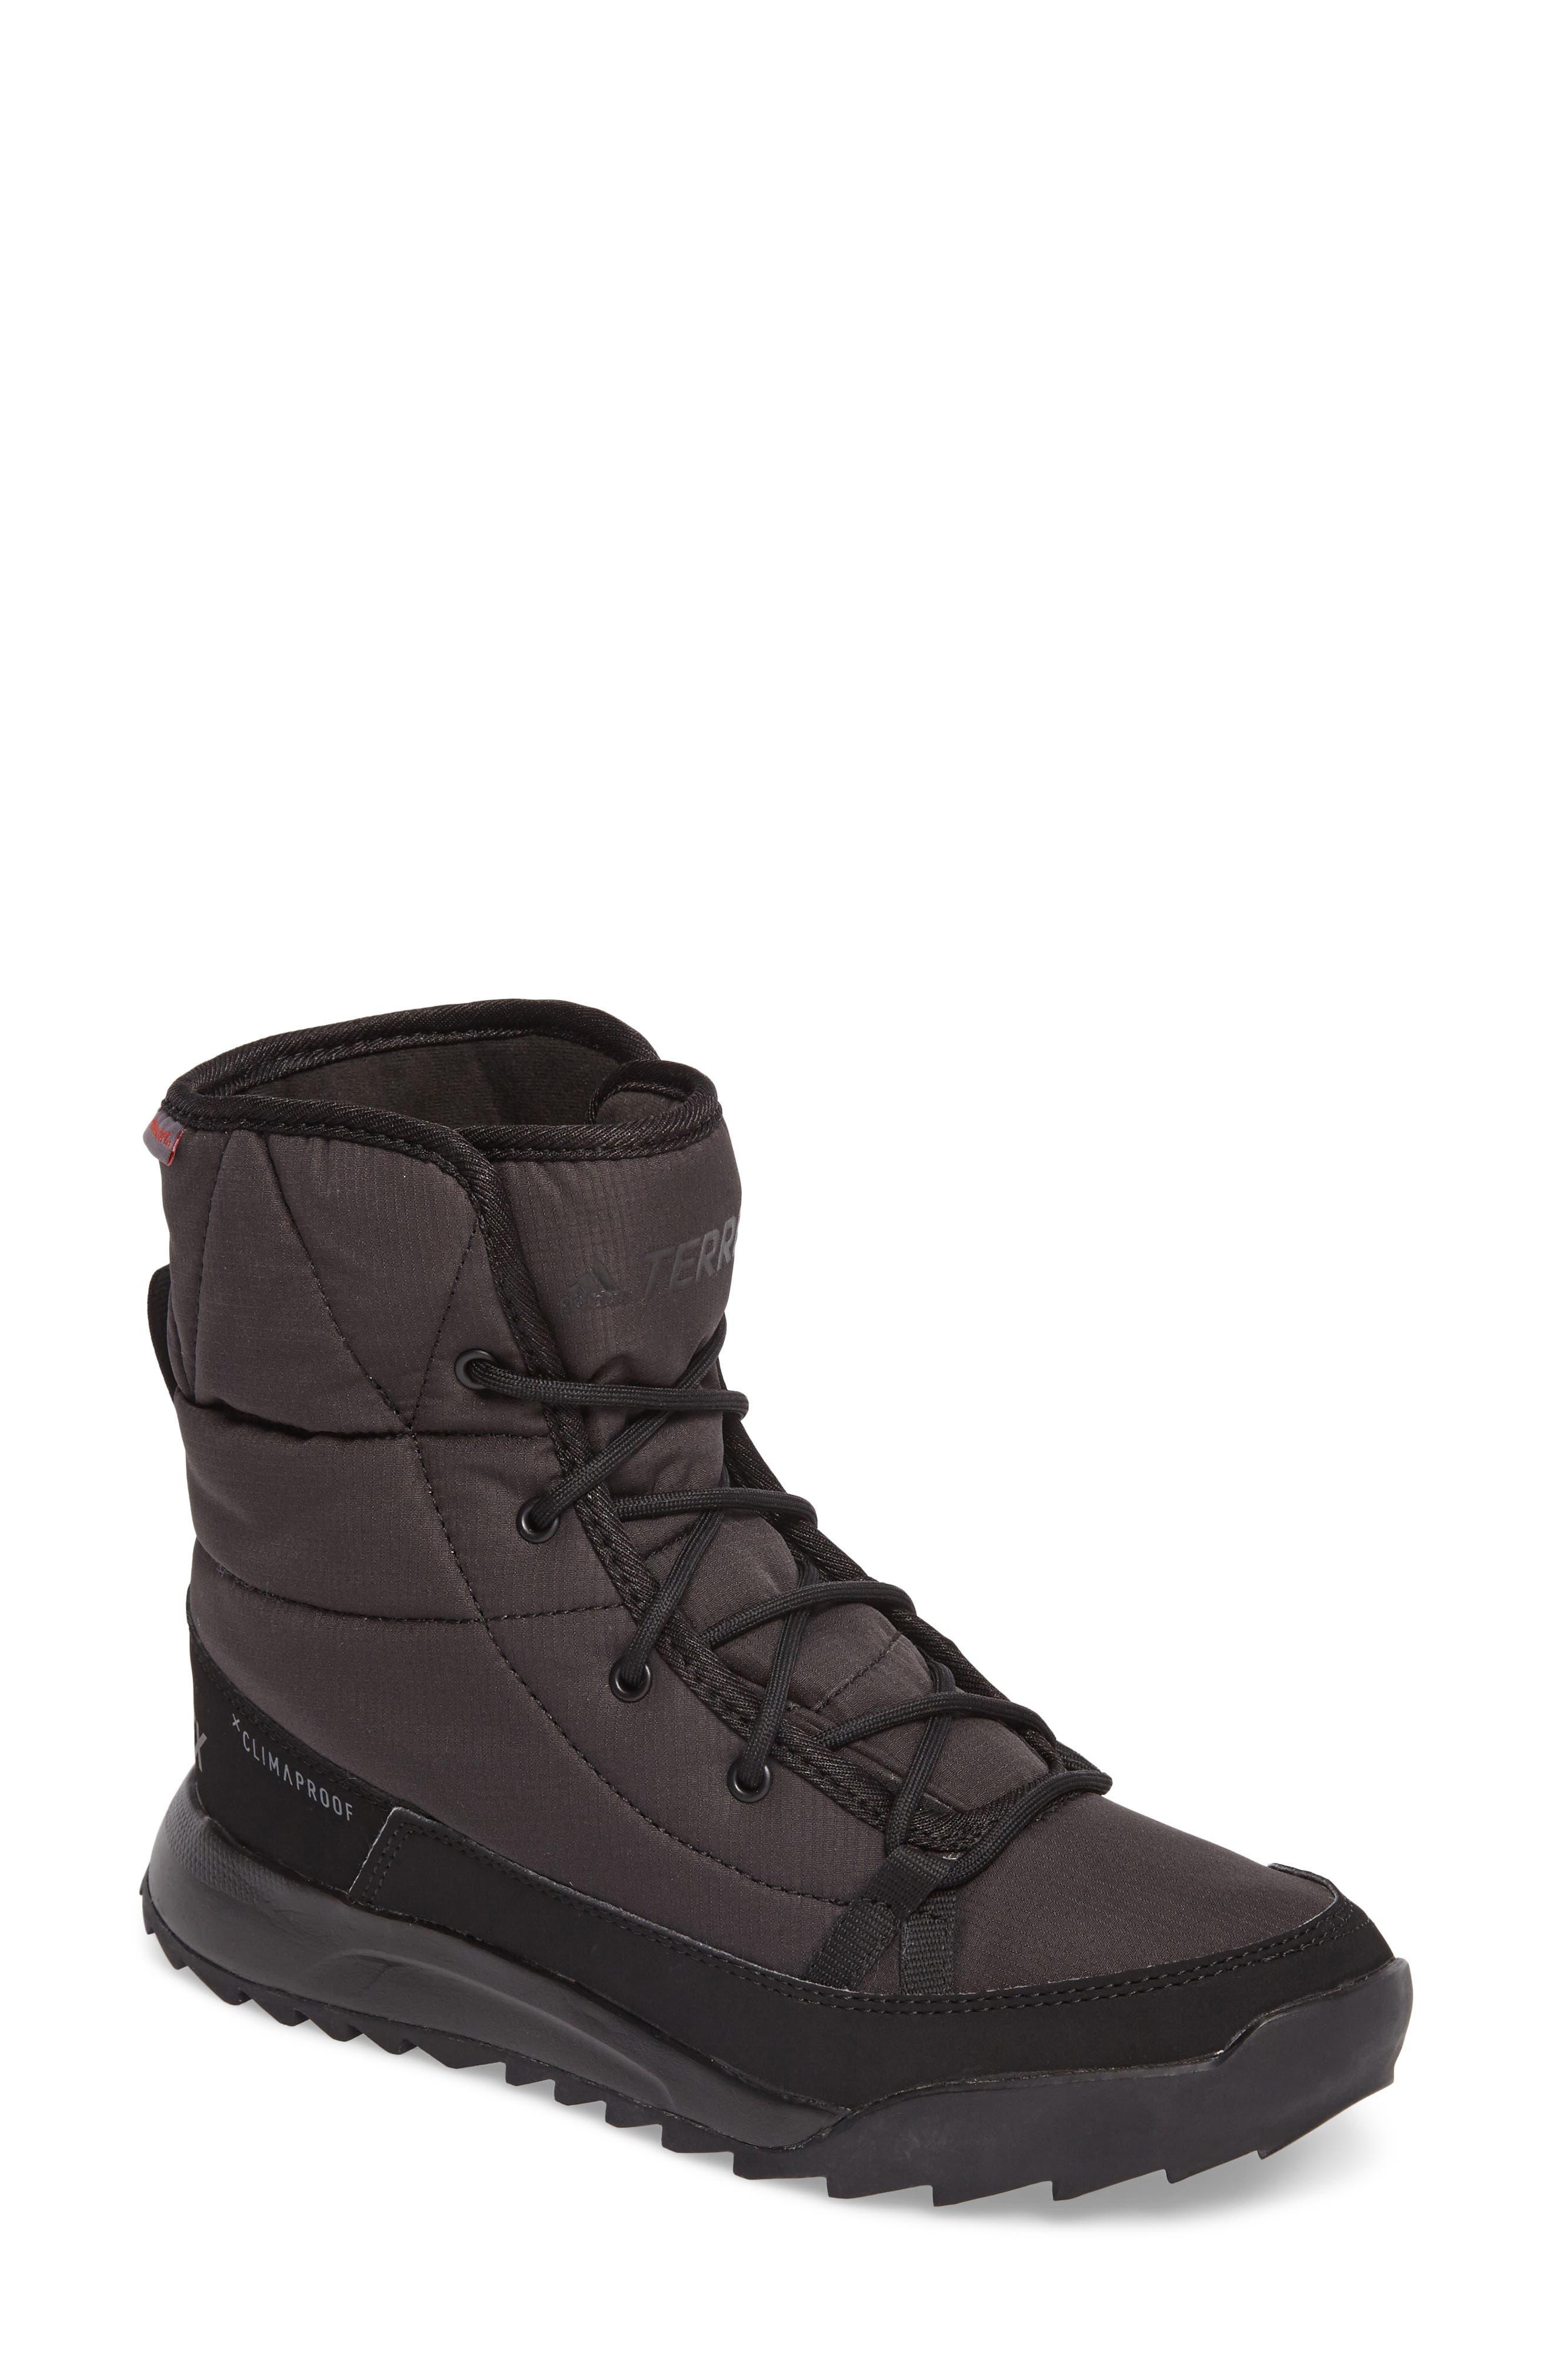 Terrex Choleah Waterproof Boot,                         Main,                         color, 001